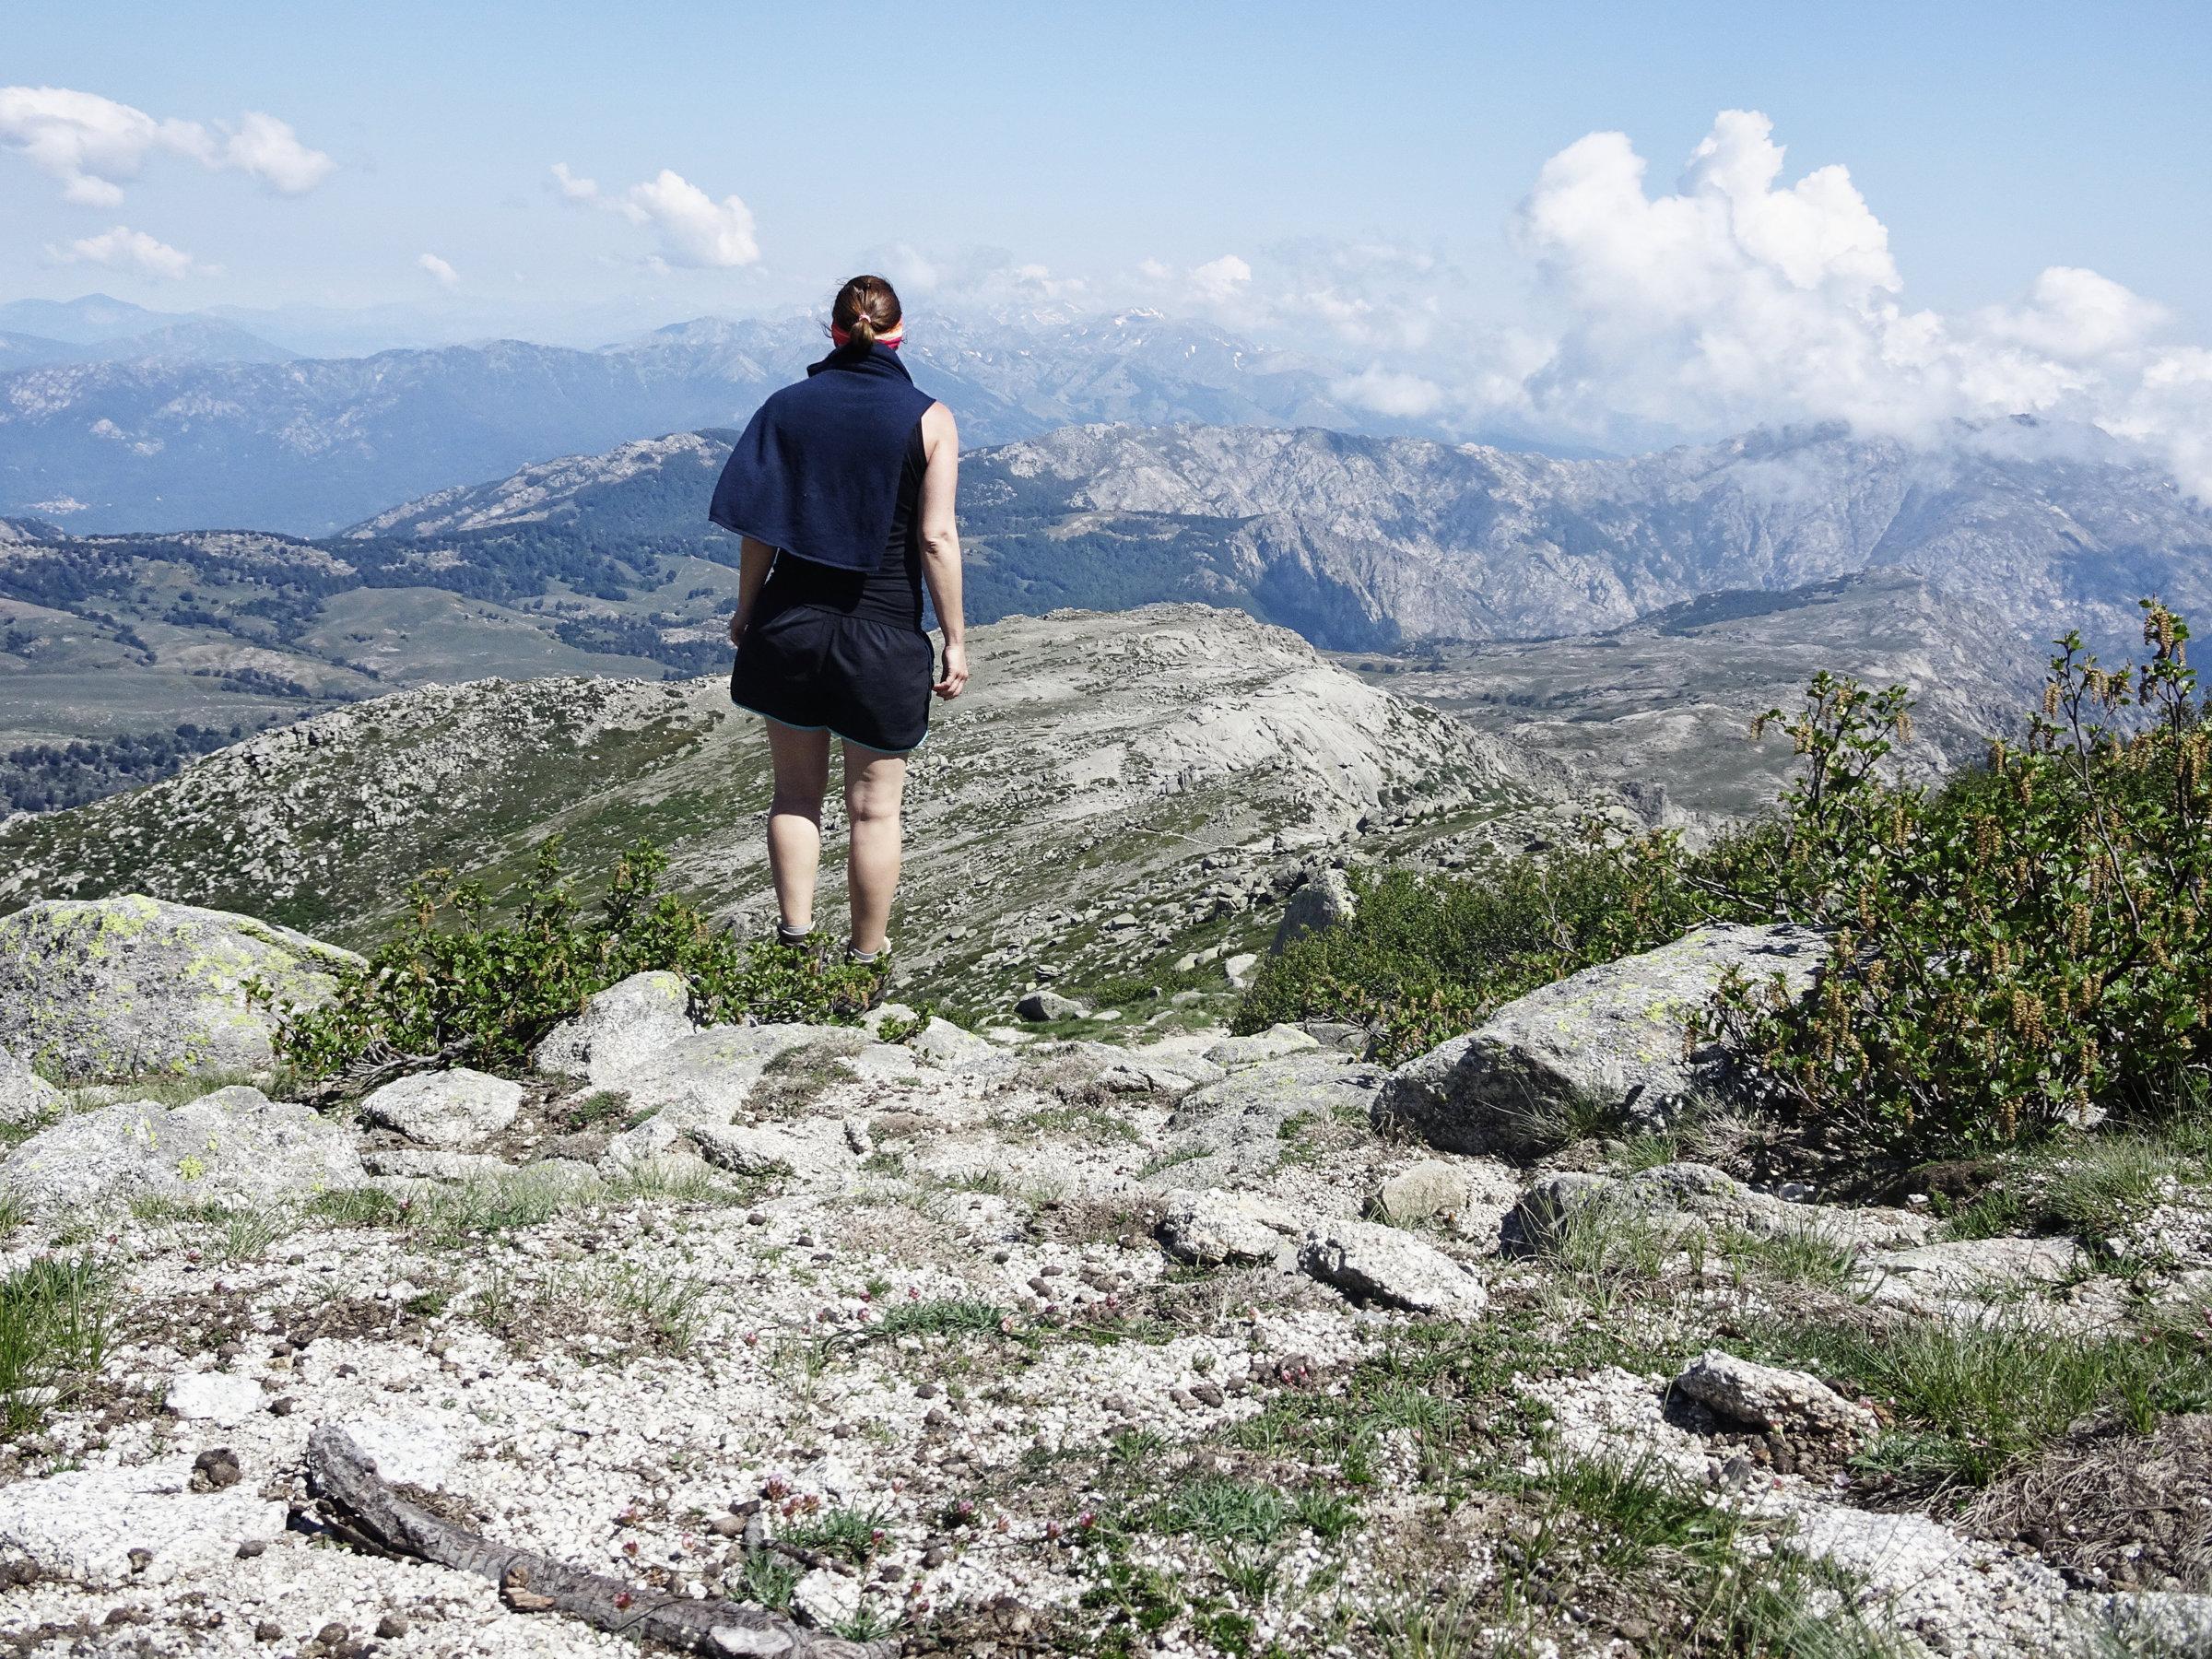 Blick vom Gipfel des Monte Incudine, Korsika, GR20 Weitwanderweg, Wandern, Berge, Frankreich